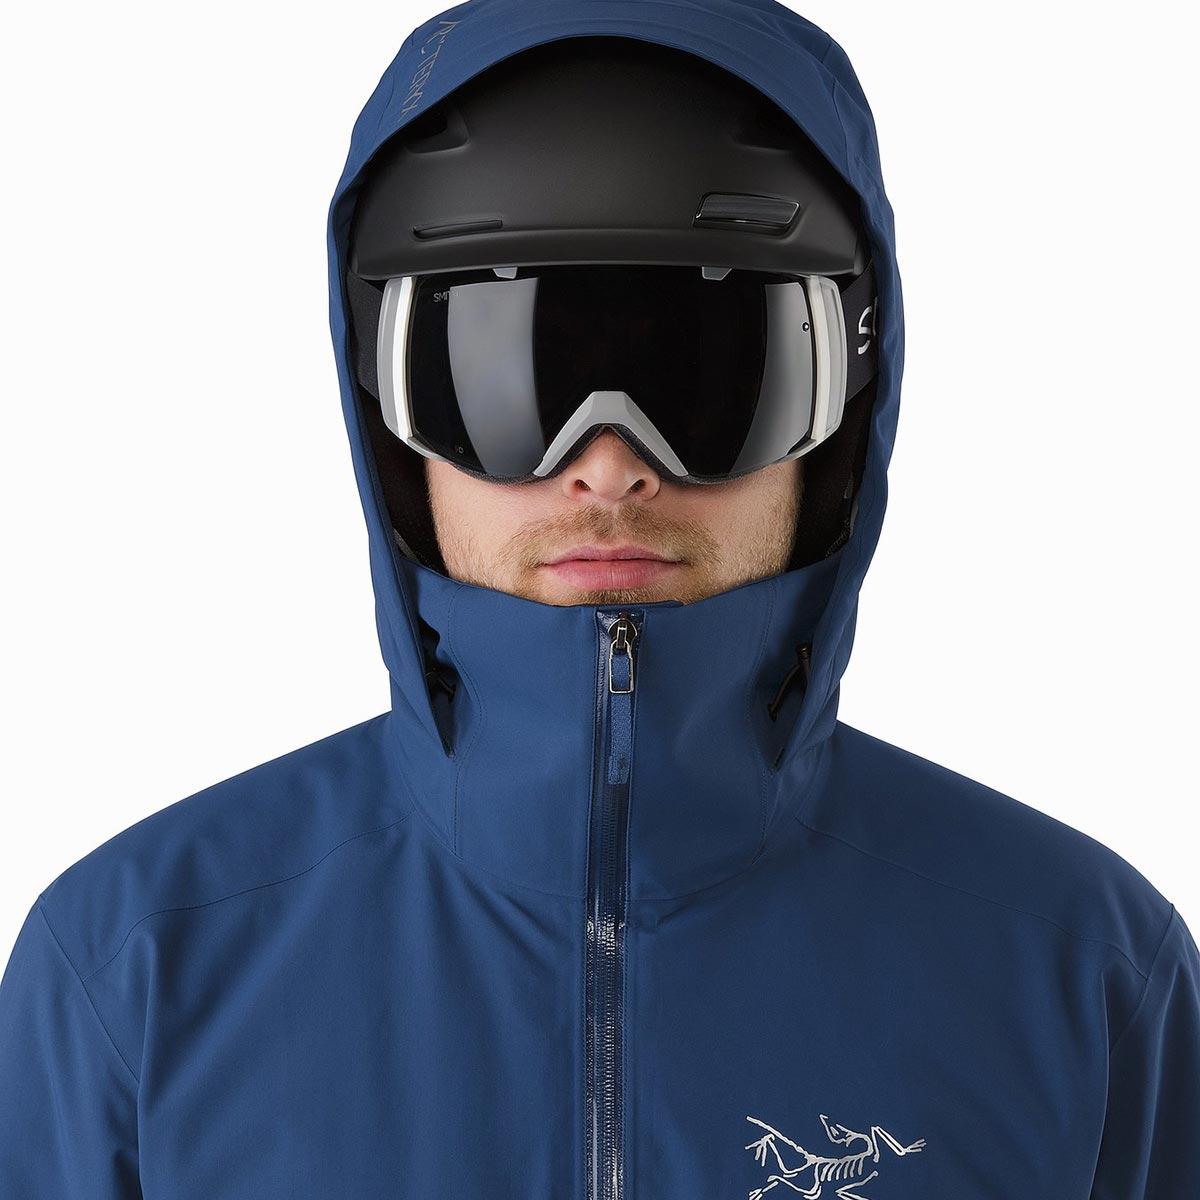 arc teryx tauri jacket review